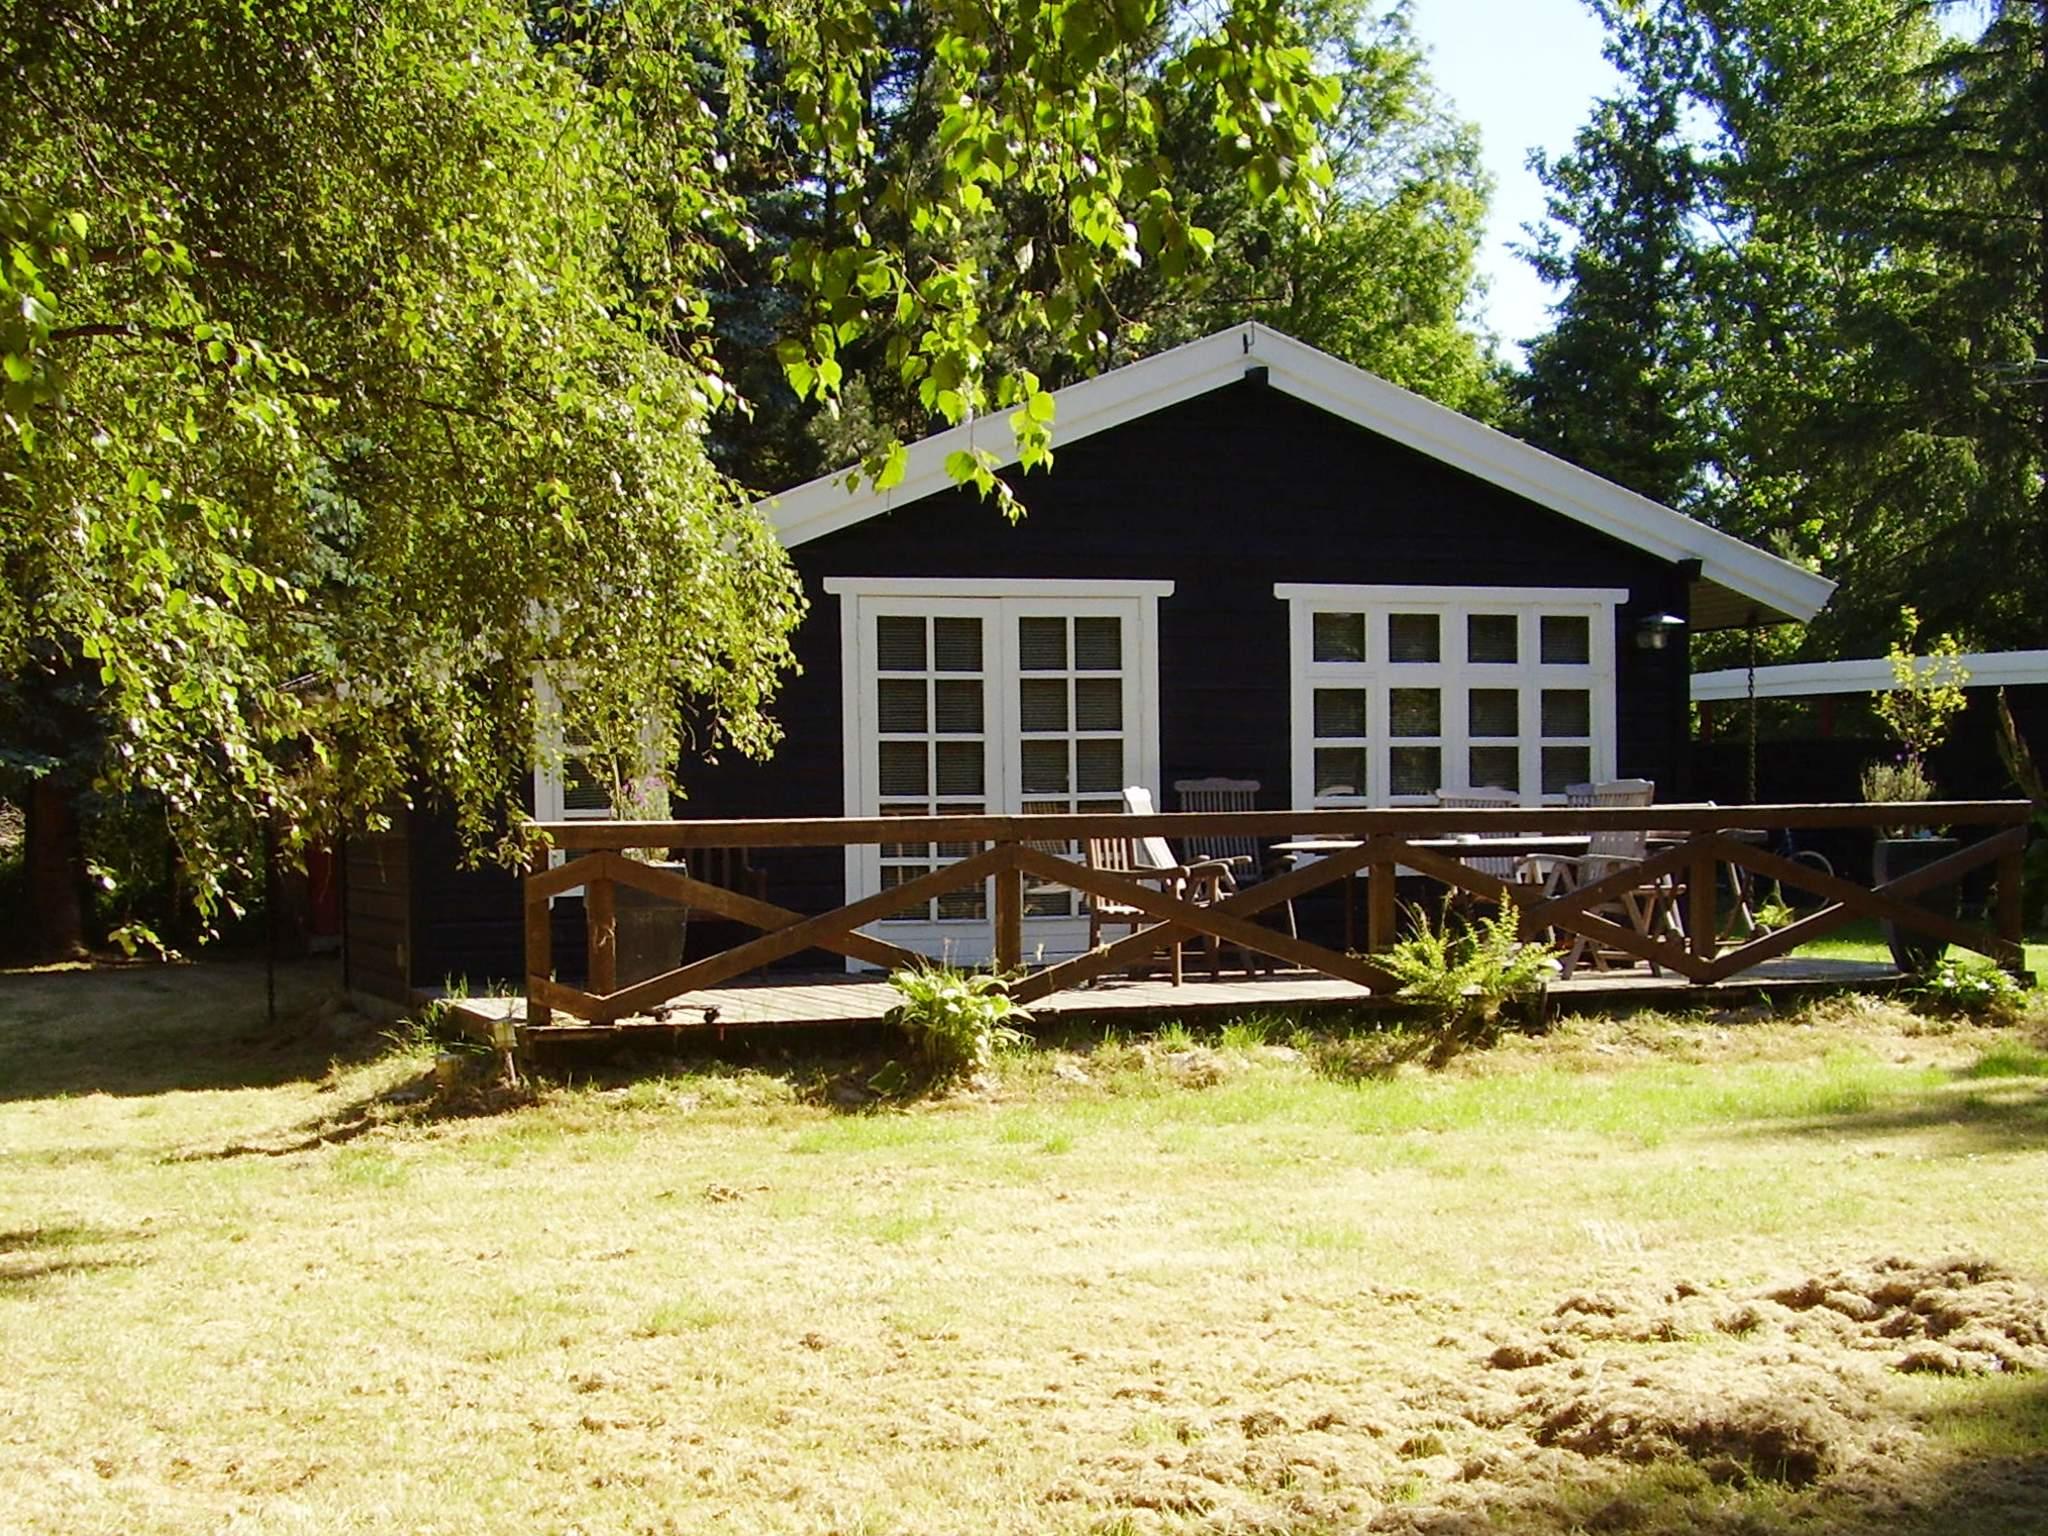 Ferienhaus Hummingen (358364), Hummingen, , Lolland, Dänemark, Bild 10